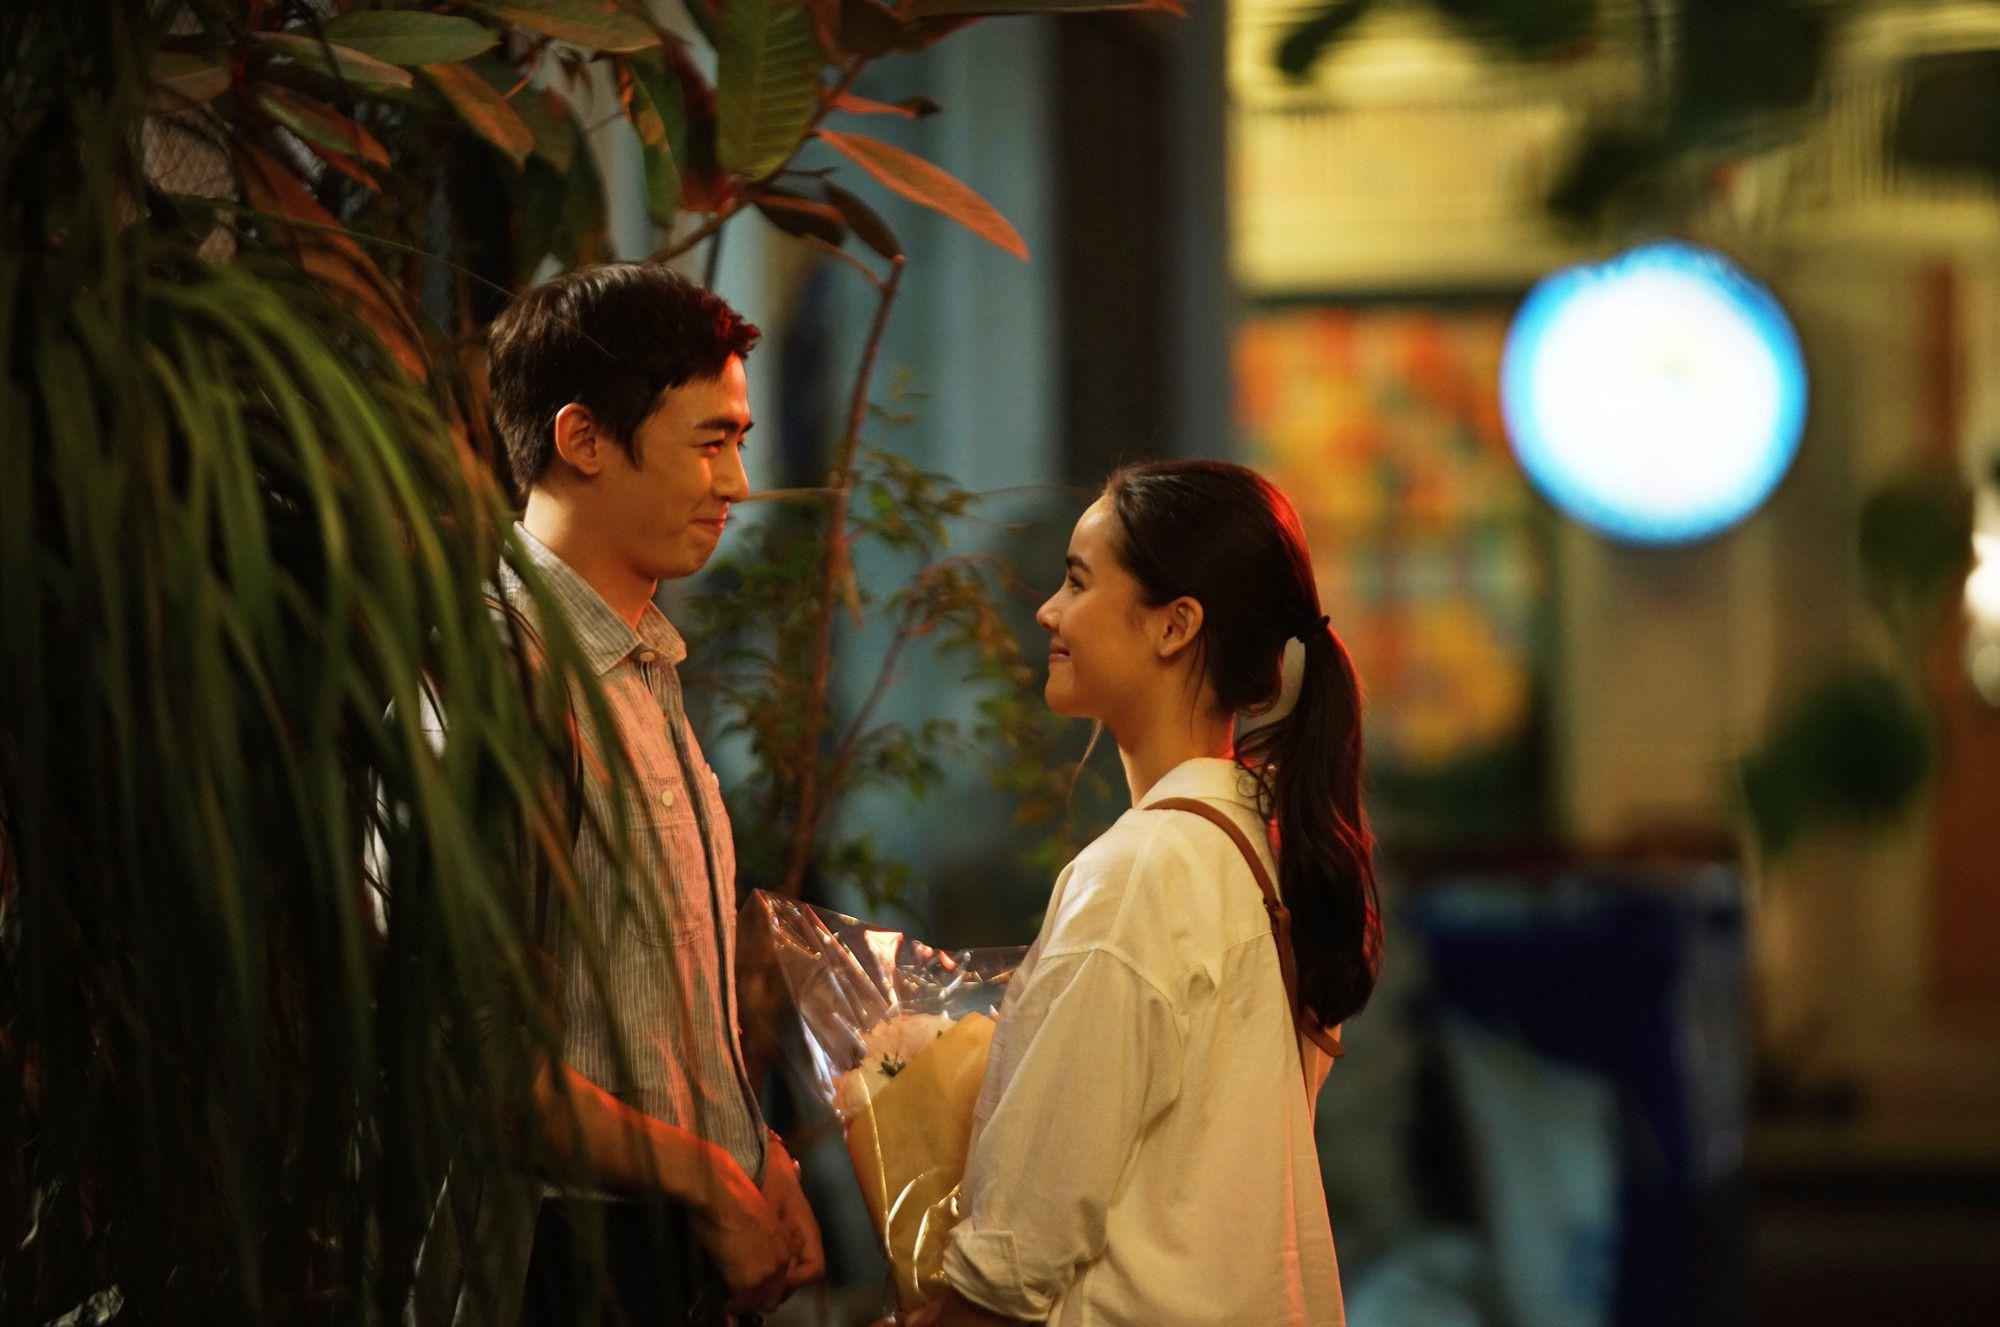 Ông Anh Trời Đánh: Phim điện ảnh Thái Lan cực hot 2018 sắp cập bến Việt Nam (4)